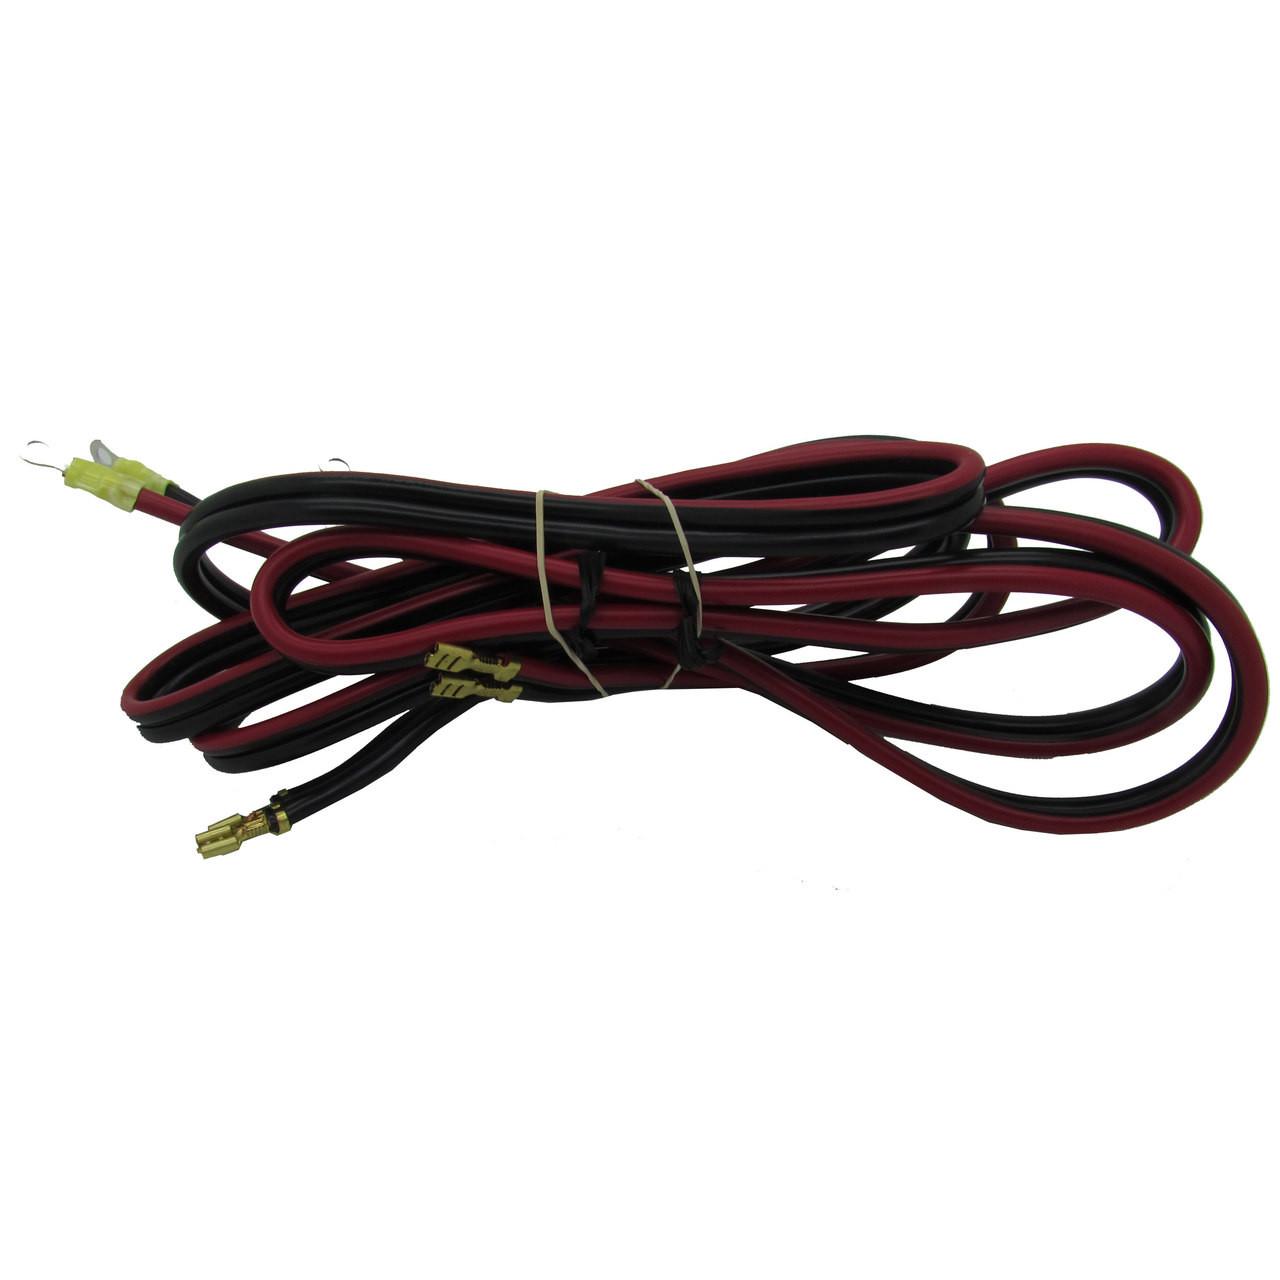 Minn Kota Trolling Motor Part Leadwire10 Gapd Genesis 2090651 Wiring